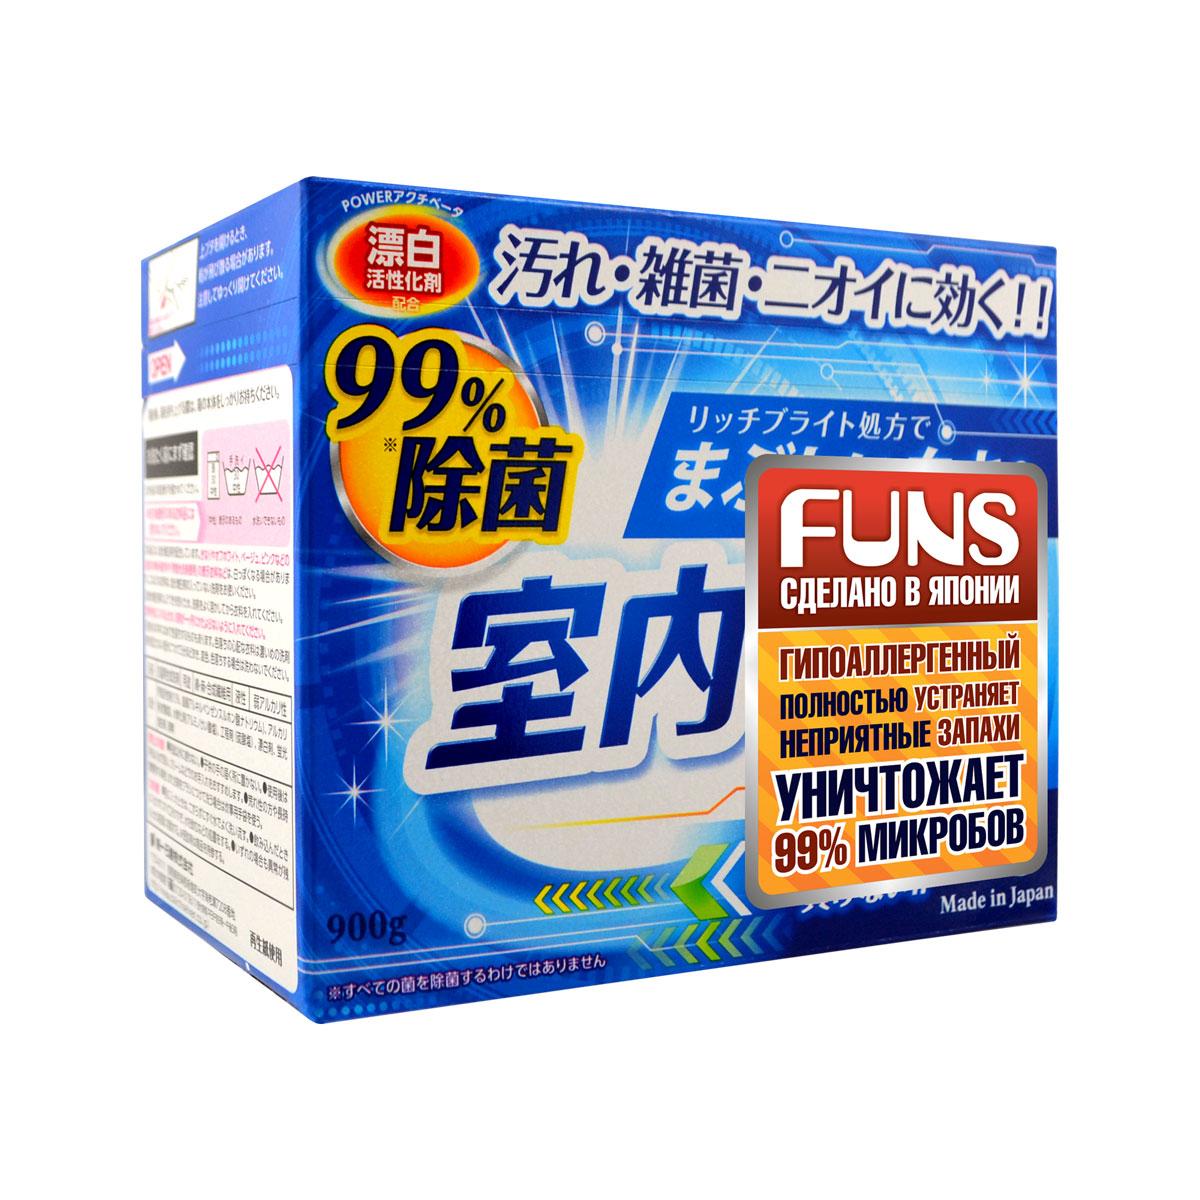 Порошок стиральный для чистоты вещей и сушки белья в помещении Funs, 900 гGC204/30Стиральный порошок FUNS предназначен для стирки белого и цветного белья.Придает нежный аромат белью и борется с бактериями, вызывающими неприятный запах при сушке в комнате.Обладает тройным действием: стирает, уничтожает 99% микробов, устраняет неприятные запахи.Прекрасно подходит для стирки тканей из хлопка, синтетических волокон.Подходит для всех типов стиральных машин и защищает барабан от плесени.Безопасен при контакте с кожей человека, не сушит и не раздражает кожу рук во время стирки.Может применяться для стирки детского белья.Подходит как для ручной, так и машинной стирки.Полностью вымывается с одежды, за счет чего порошок является гипоаллергенным.Прилагается специальная бумажная мерная ложка на 20 грамм.Норма использования: Объем воды Вес белья Норма порошка 65 л 7.0 кг 65 гСтиральная машина автоматическая60 л 6.0 кг 60 г45 л4.2 кг 45 г30 л2.2 кг 30 г Ручная стирка На 4 л – 4 гСпособ применения: при стирке тканей требующих деликатного ухода, рекомендуется установить соответствующий режим стирки. Рекомендуется заранее замачивать вещи с застарелыми пятнами. Если вы решили одновременно использовать пятновыводитель, то его рекомендуется выбирать на основе кислорода. Способ хранения: хранить в темном месте, избегать воздействия прямых солнечных лучей. Держать в недоступном для детей месте.